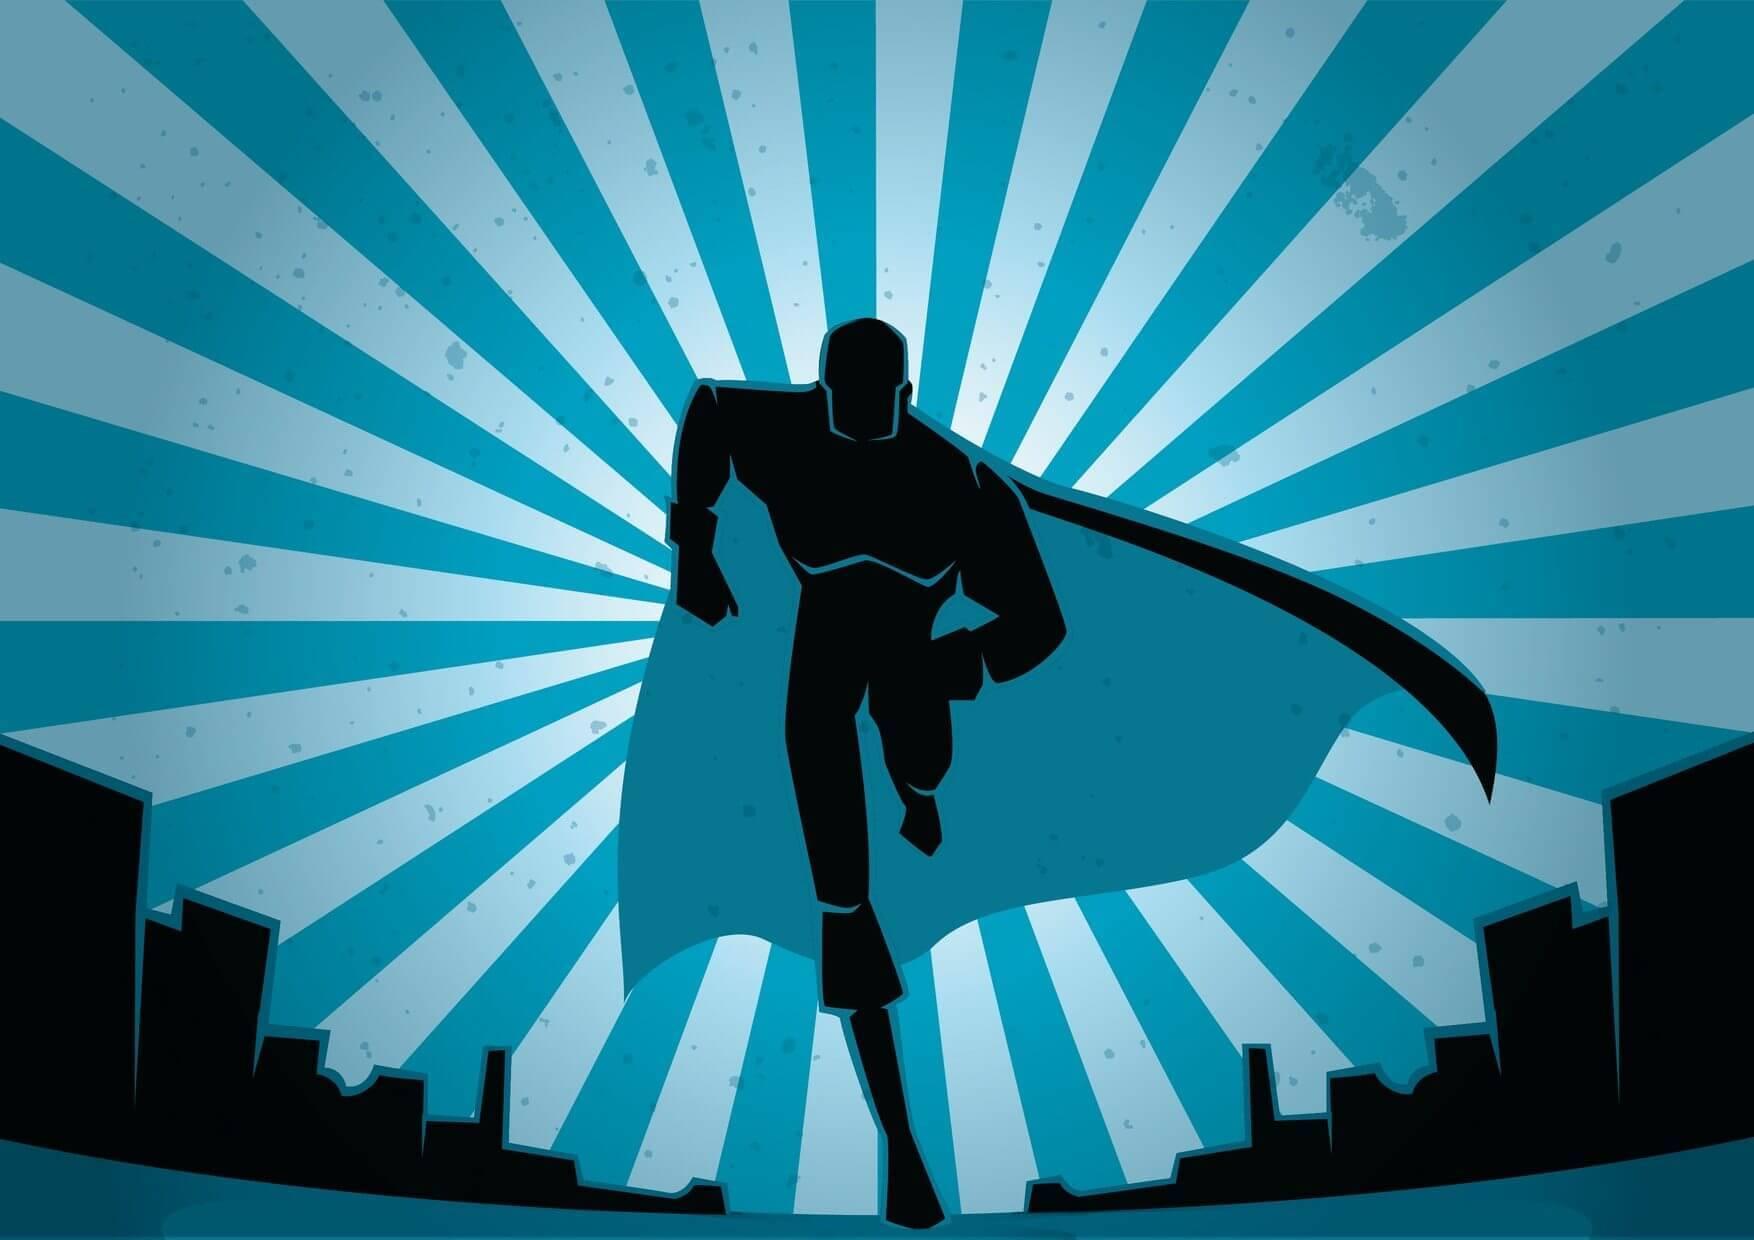 Three Key Lessons of Entrepreneurship from Marcus Aurelius